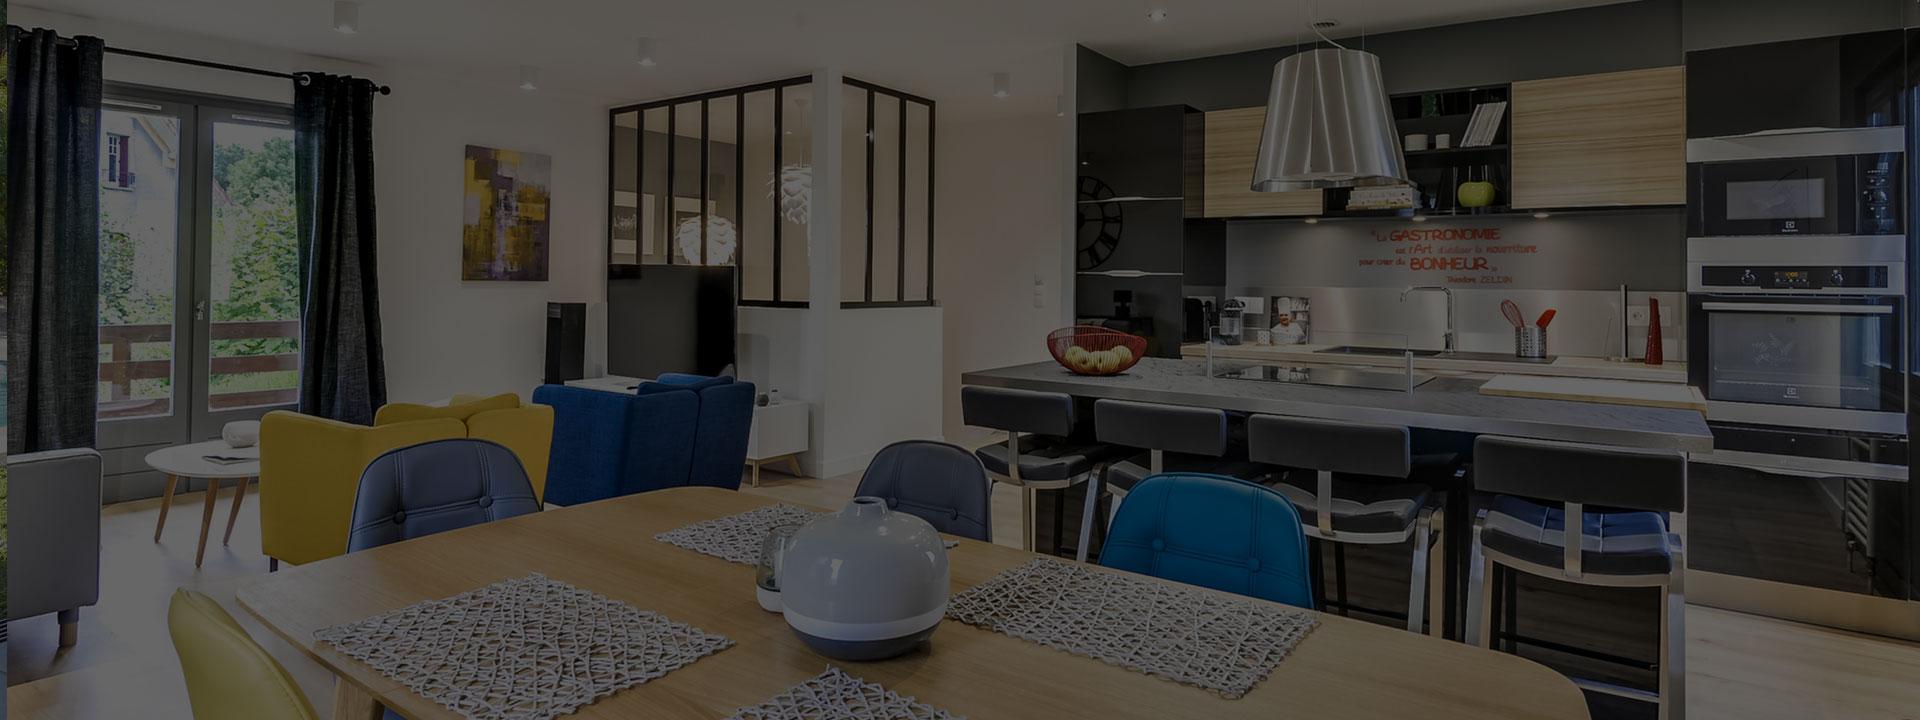 Conseils pour trouver la location immobiliere ideale 1